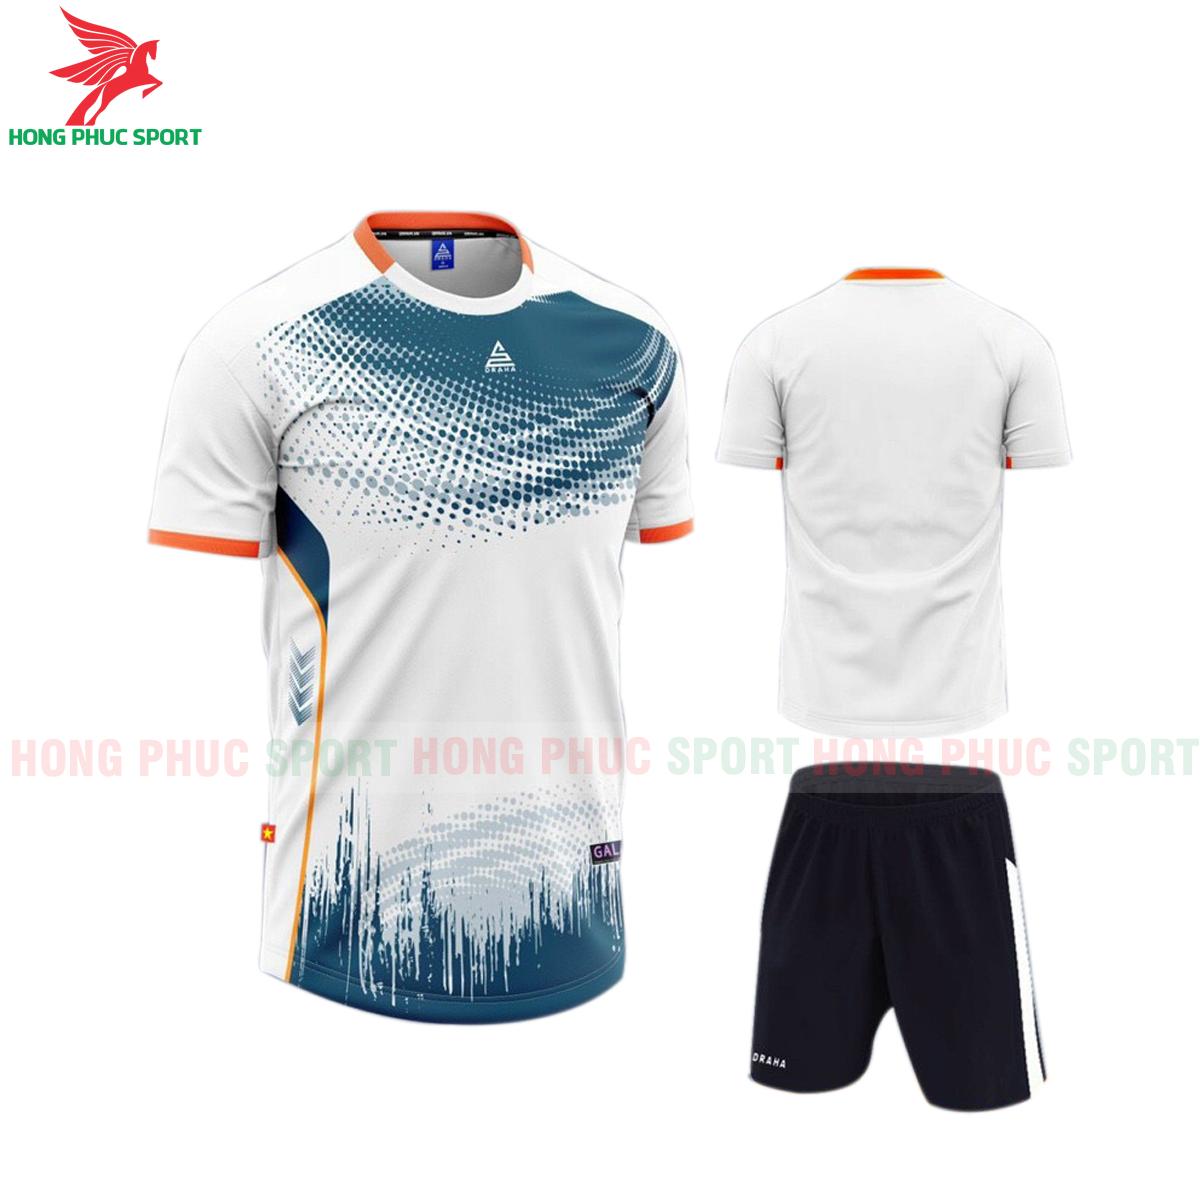 https://cdn.hongphucsport.com/unsafe/s4.shopbay.vn/files/285/ao-da-bong-khong-logo-draha-galaxy-2021-mau-trang-606c262c0b495.png